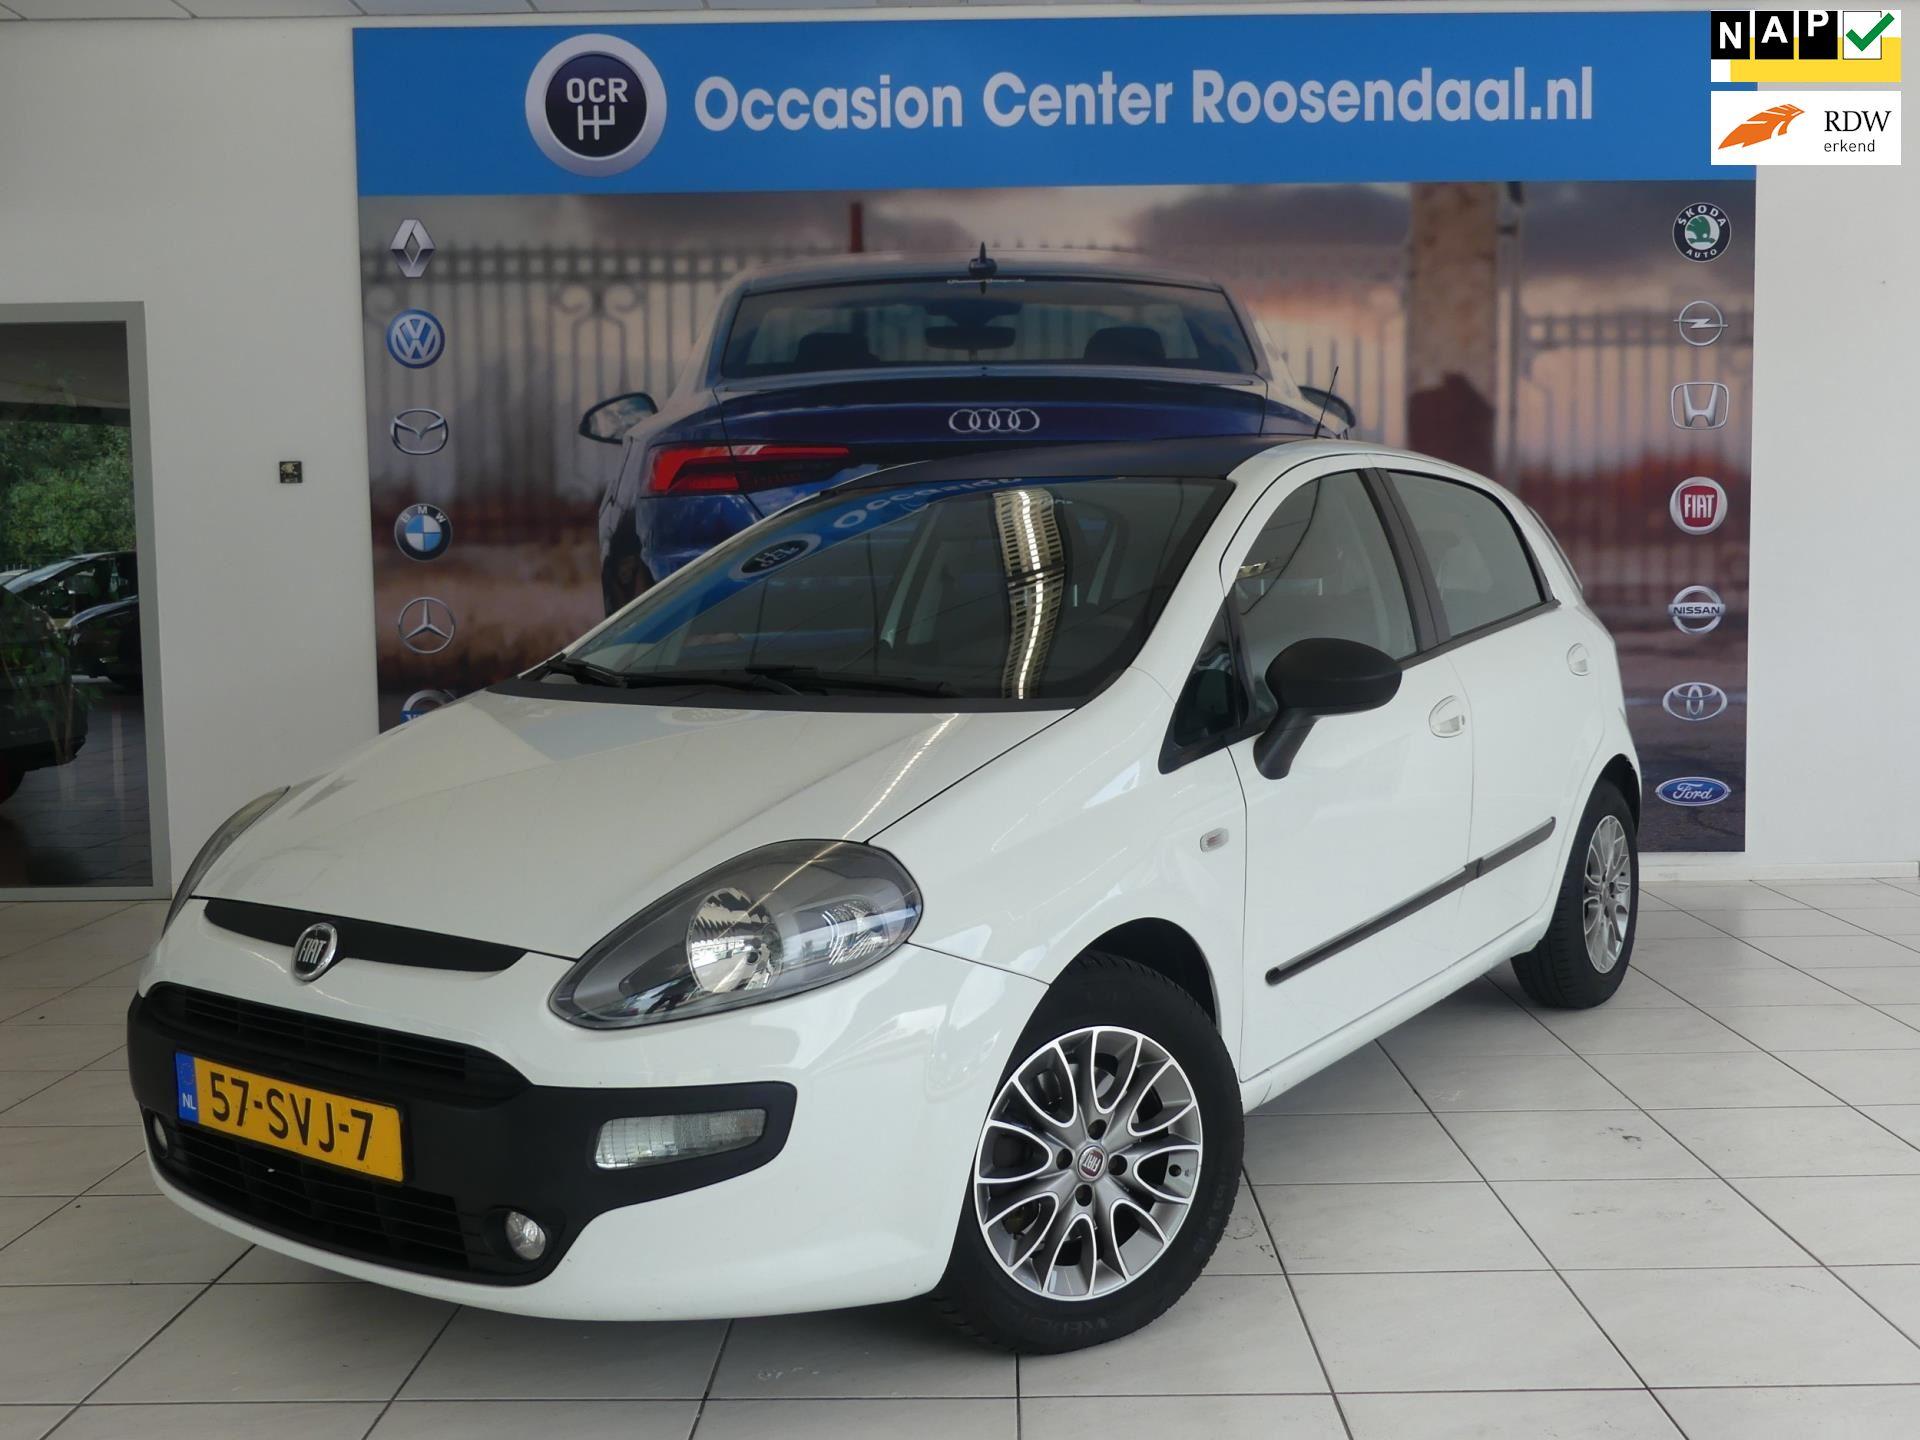 Fiat Punto Evo occasion - Occasion Center Roosendaal